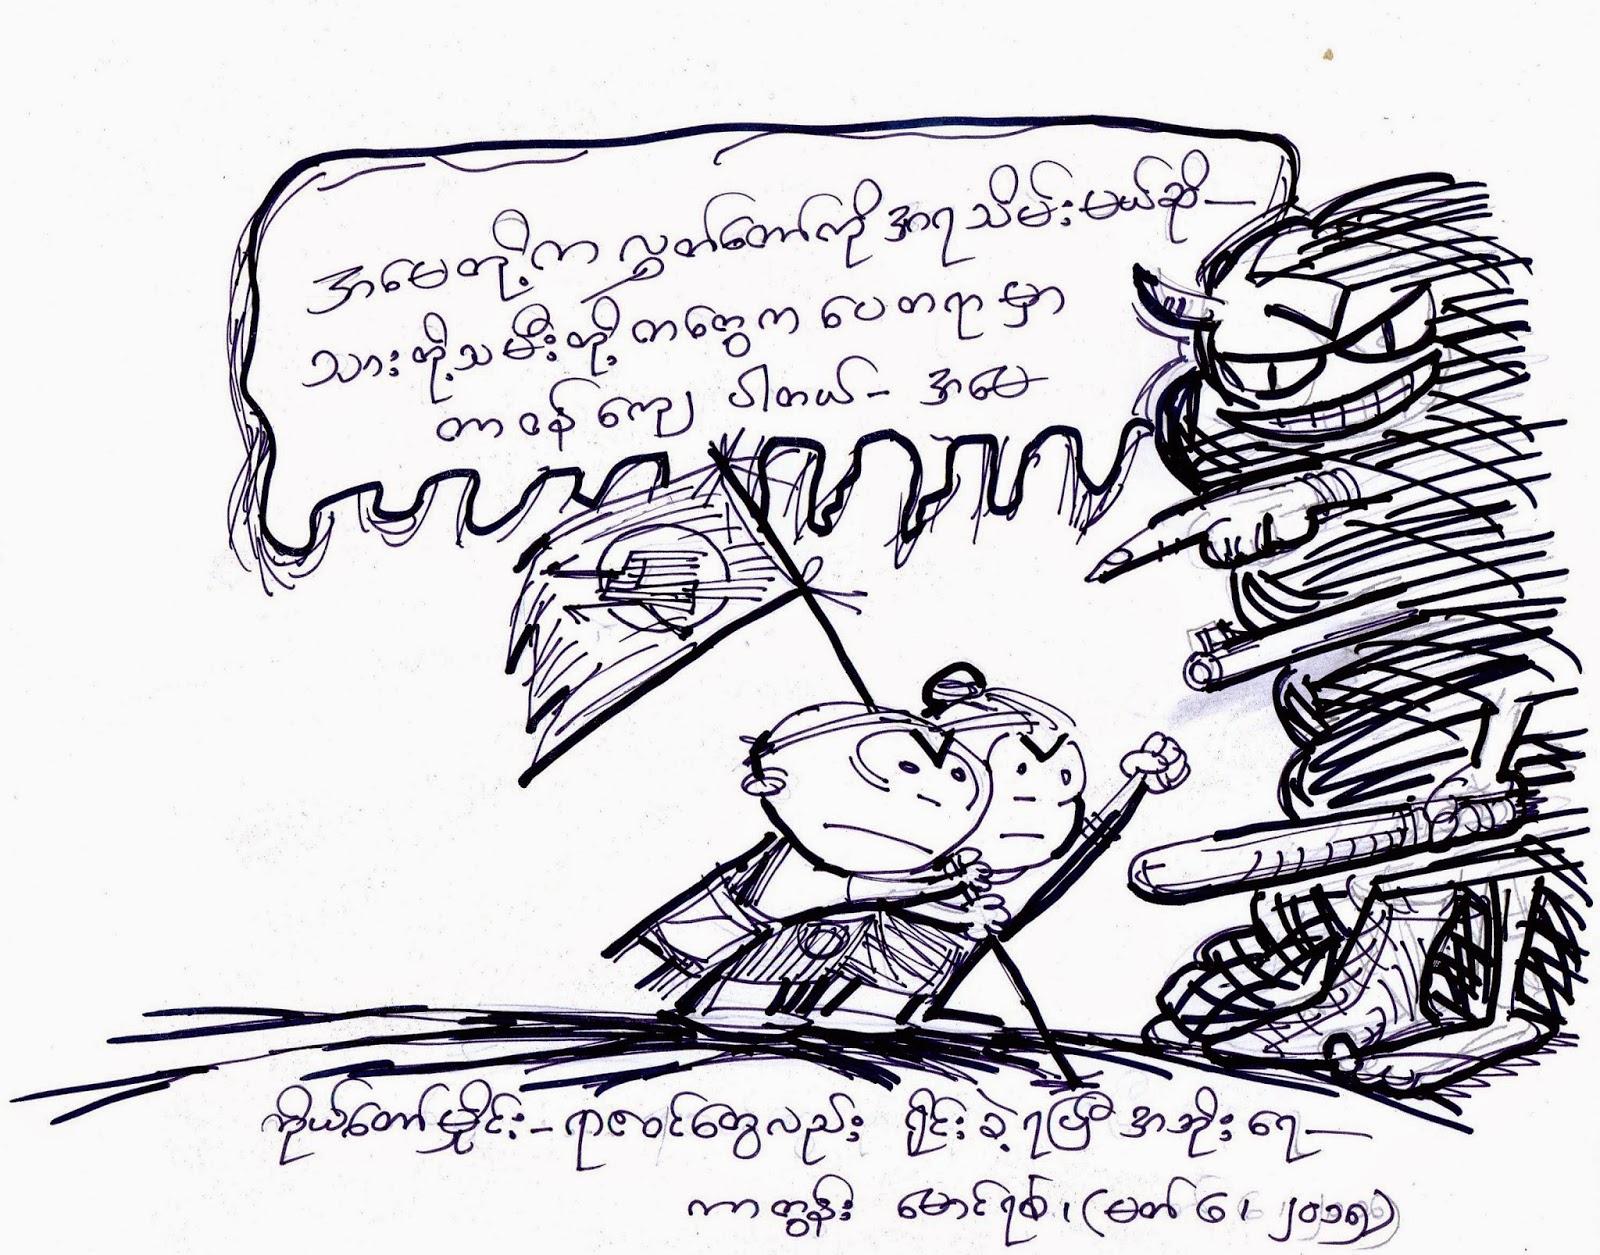 ကာတြန္း ေမာင္ရစ္ - SOS - Save Our Students, Myanmar